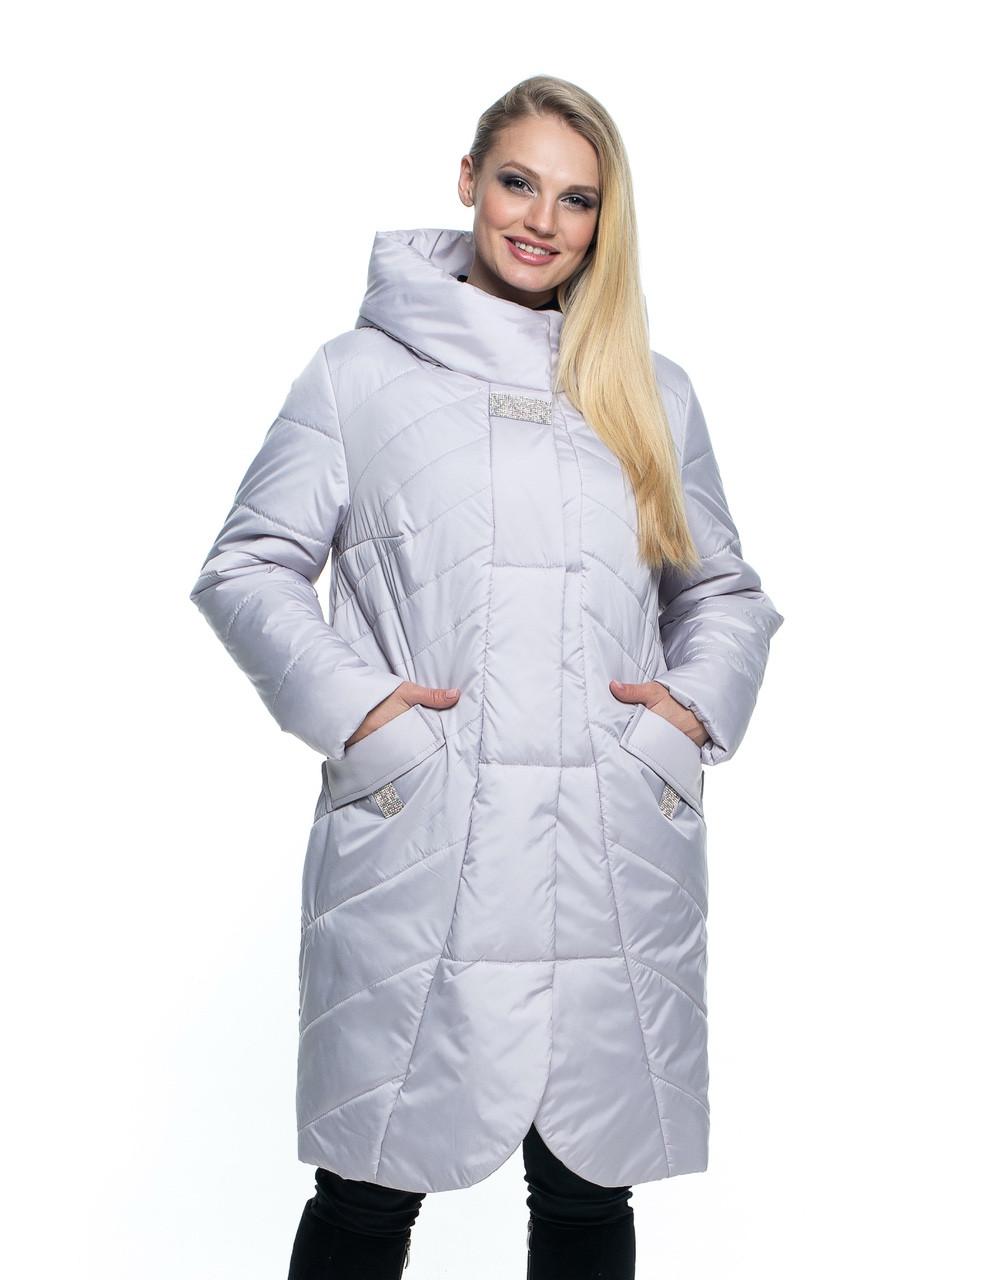 Демисезонная женская удлиненная куртка, размеры 44 - 56